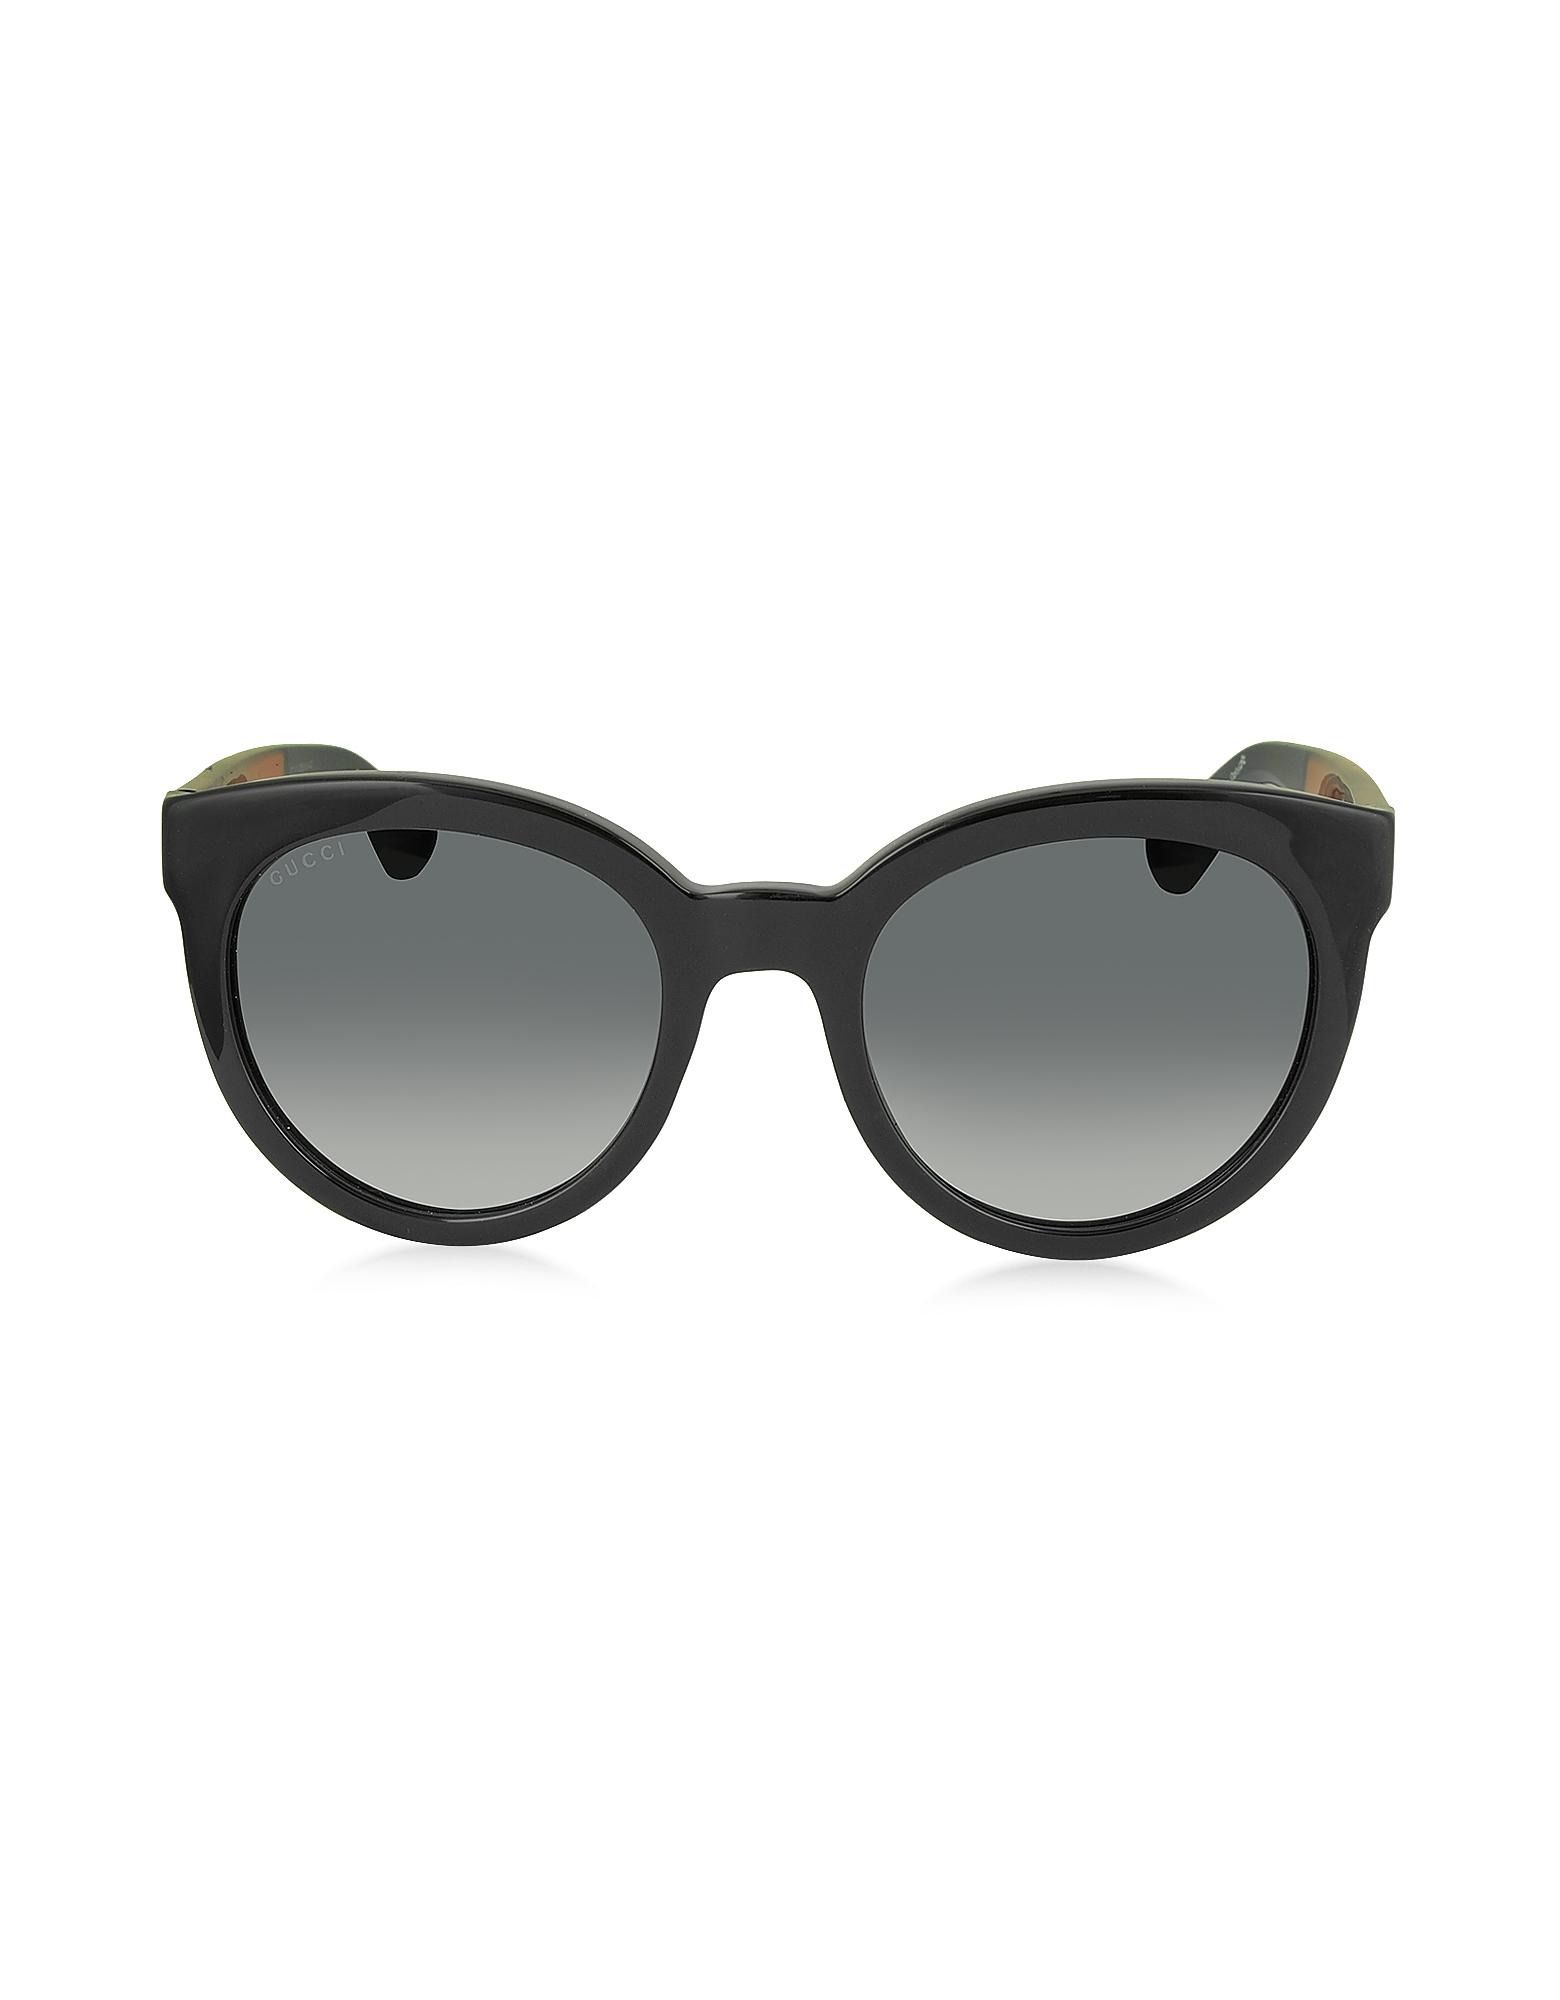 GG 3810/S VM89O - Черные Круглые Женские Солнечные Очки в Оправе из Ацетата